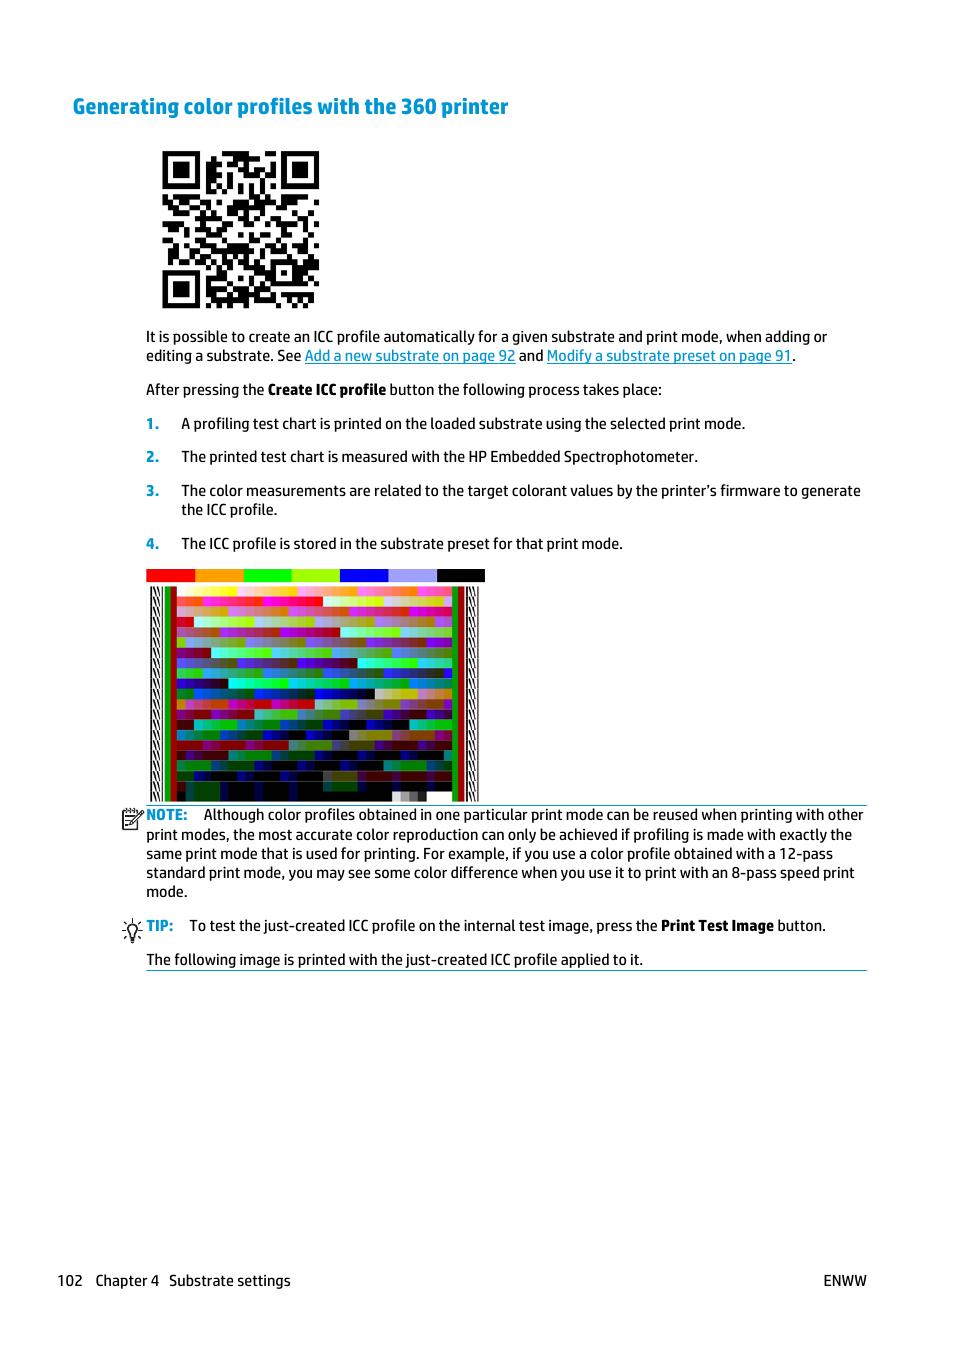 generating color profiles with the 360 printer hp latex 360 rh manualsdir com hp 8610 printer user manual hp printer user manual pdf